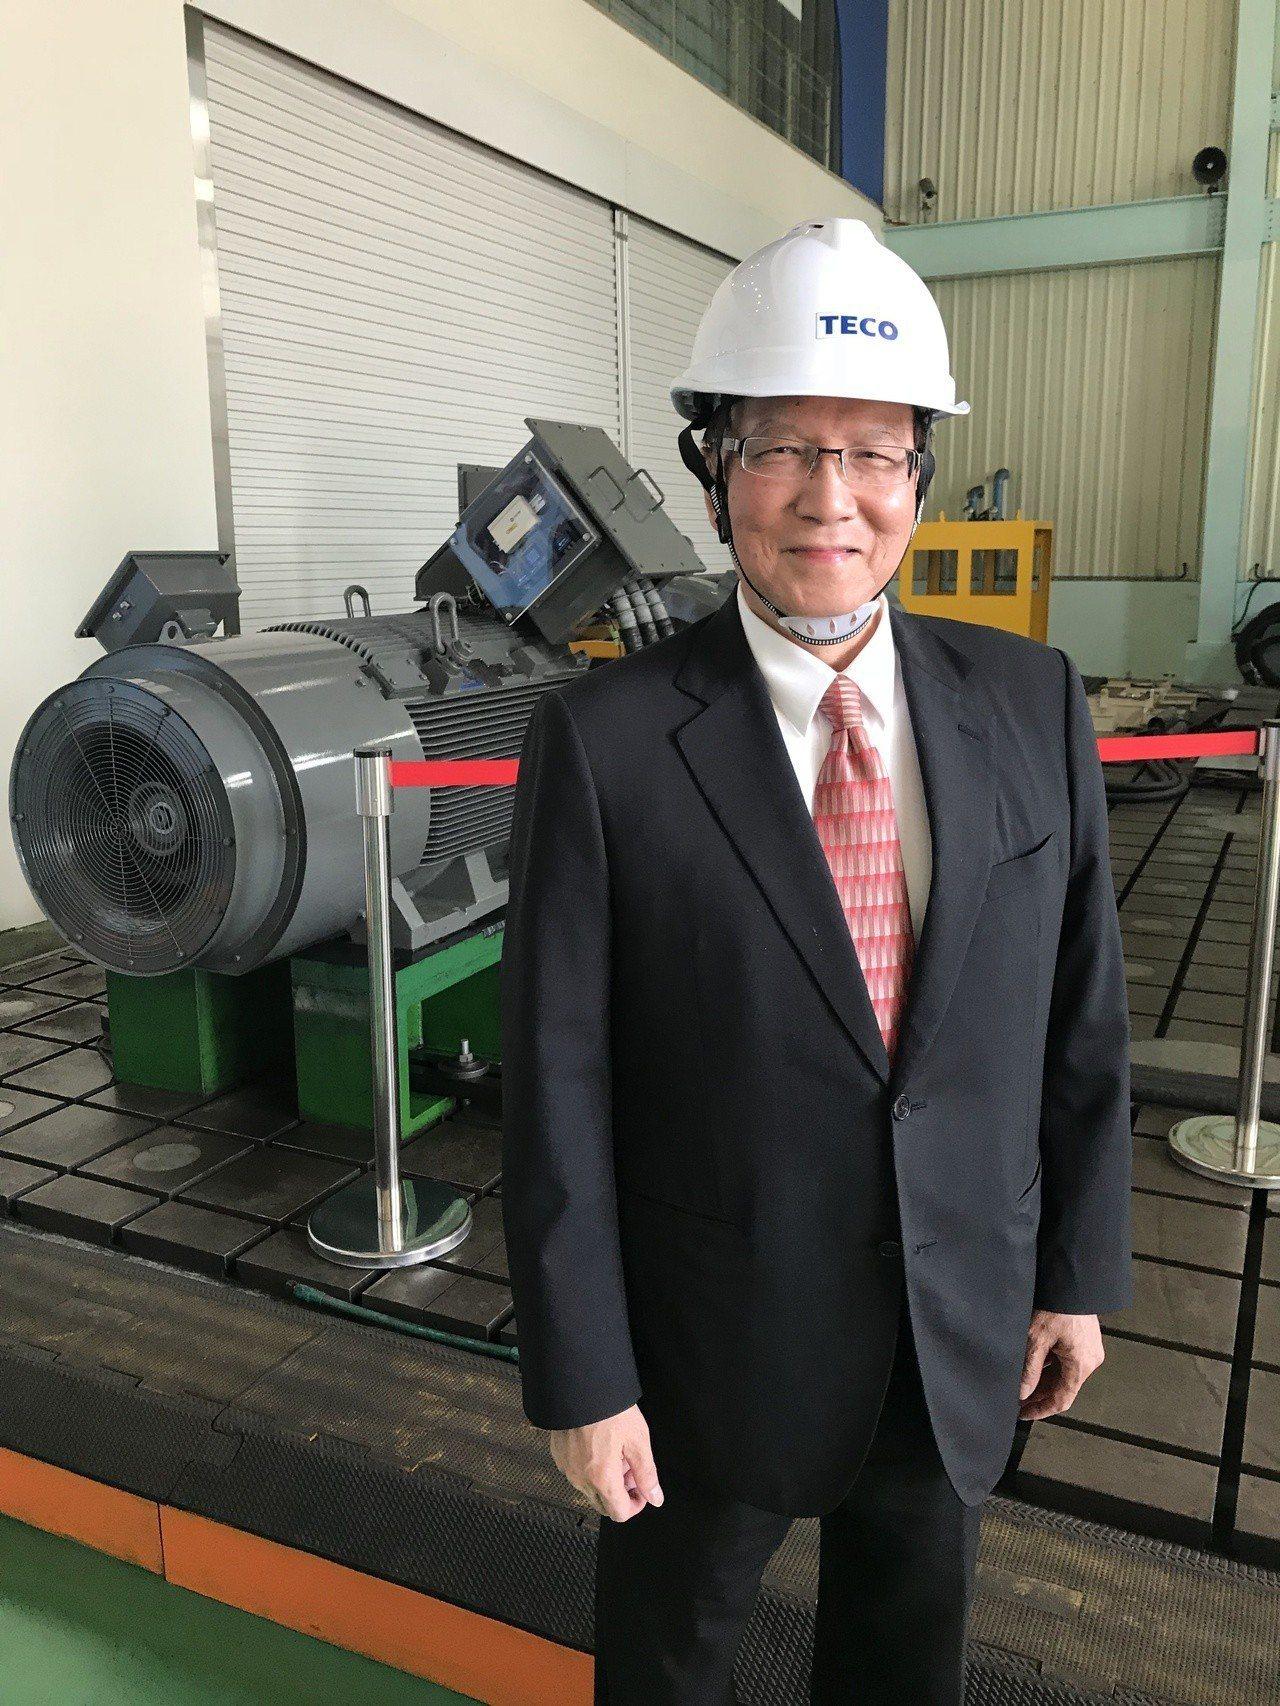 東元電機今(7)日發表 領先全球的「超高功率密度暨智能馬達」新產品。在董事長任內...